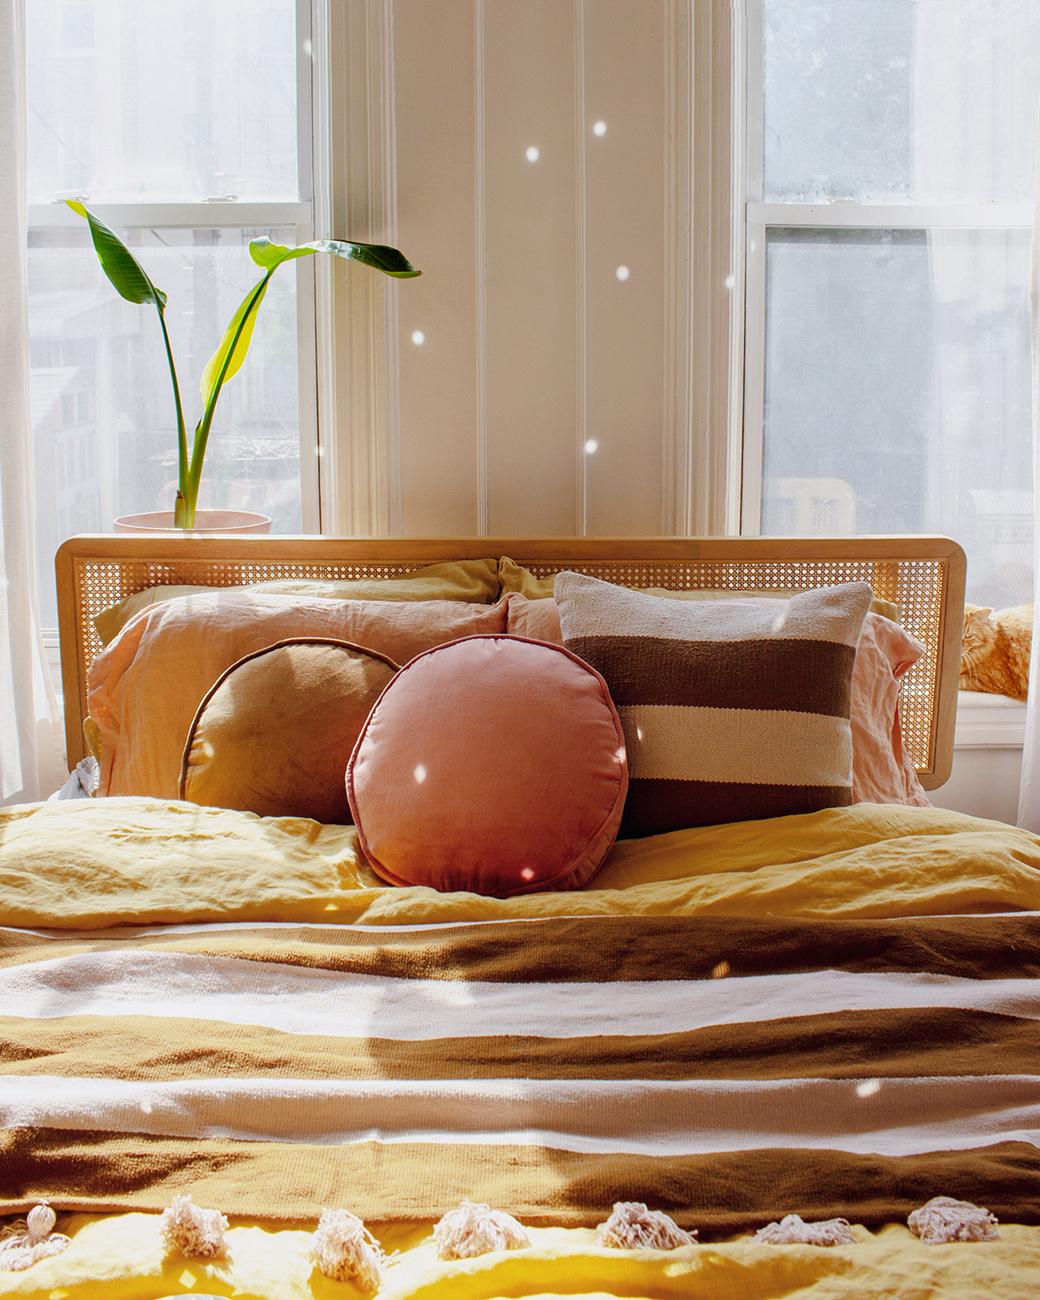 波西米亚风格的卧室